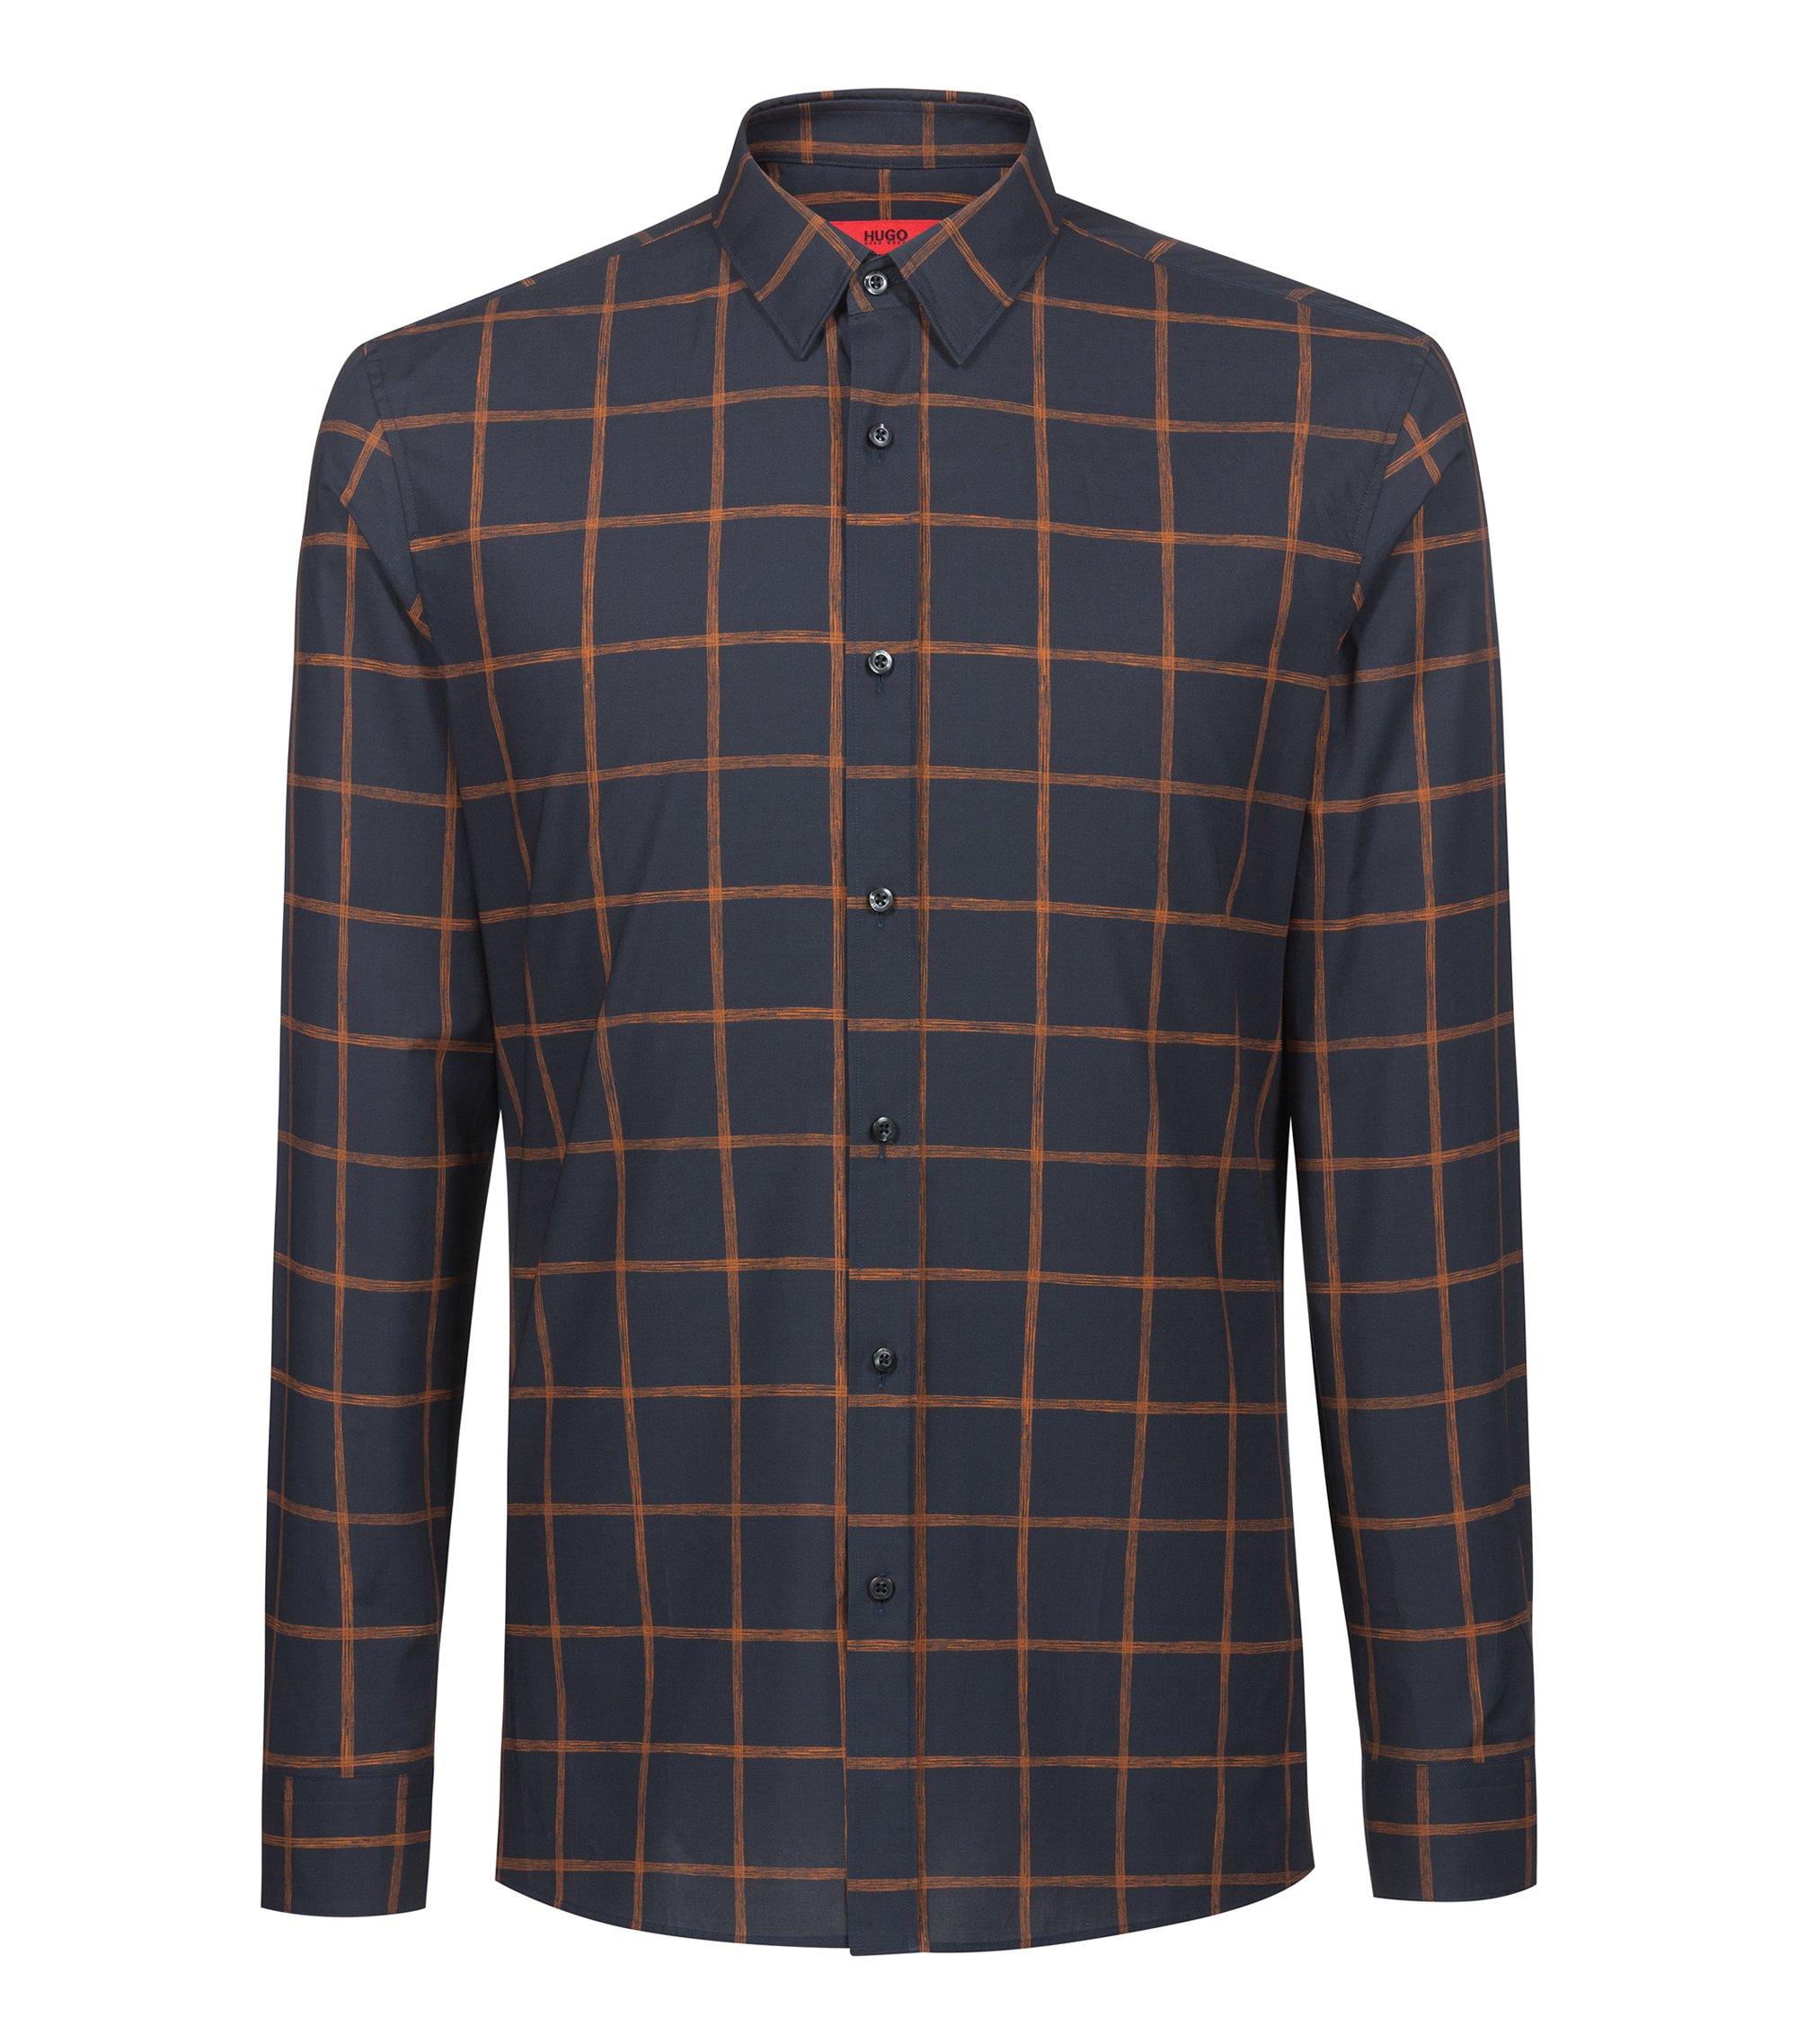 Chemise Extra Slim Fit en coton à motif à carreaux, Bleu foncé